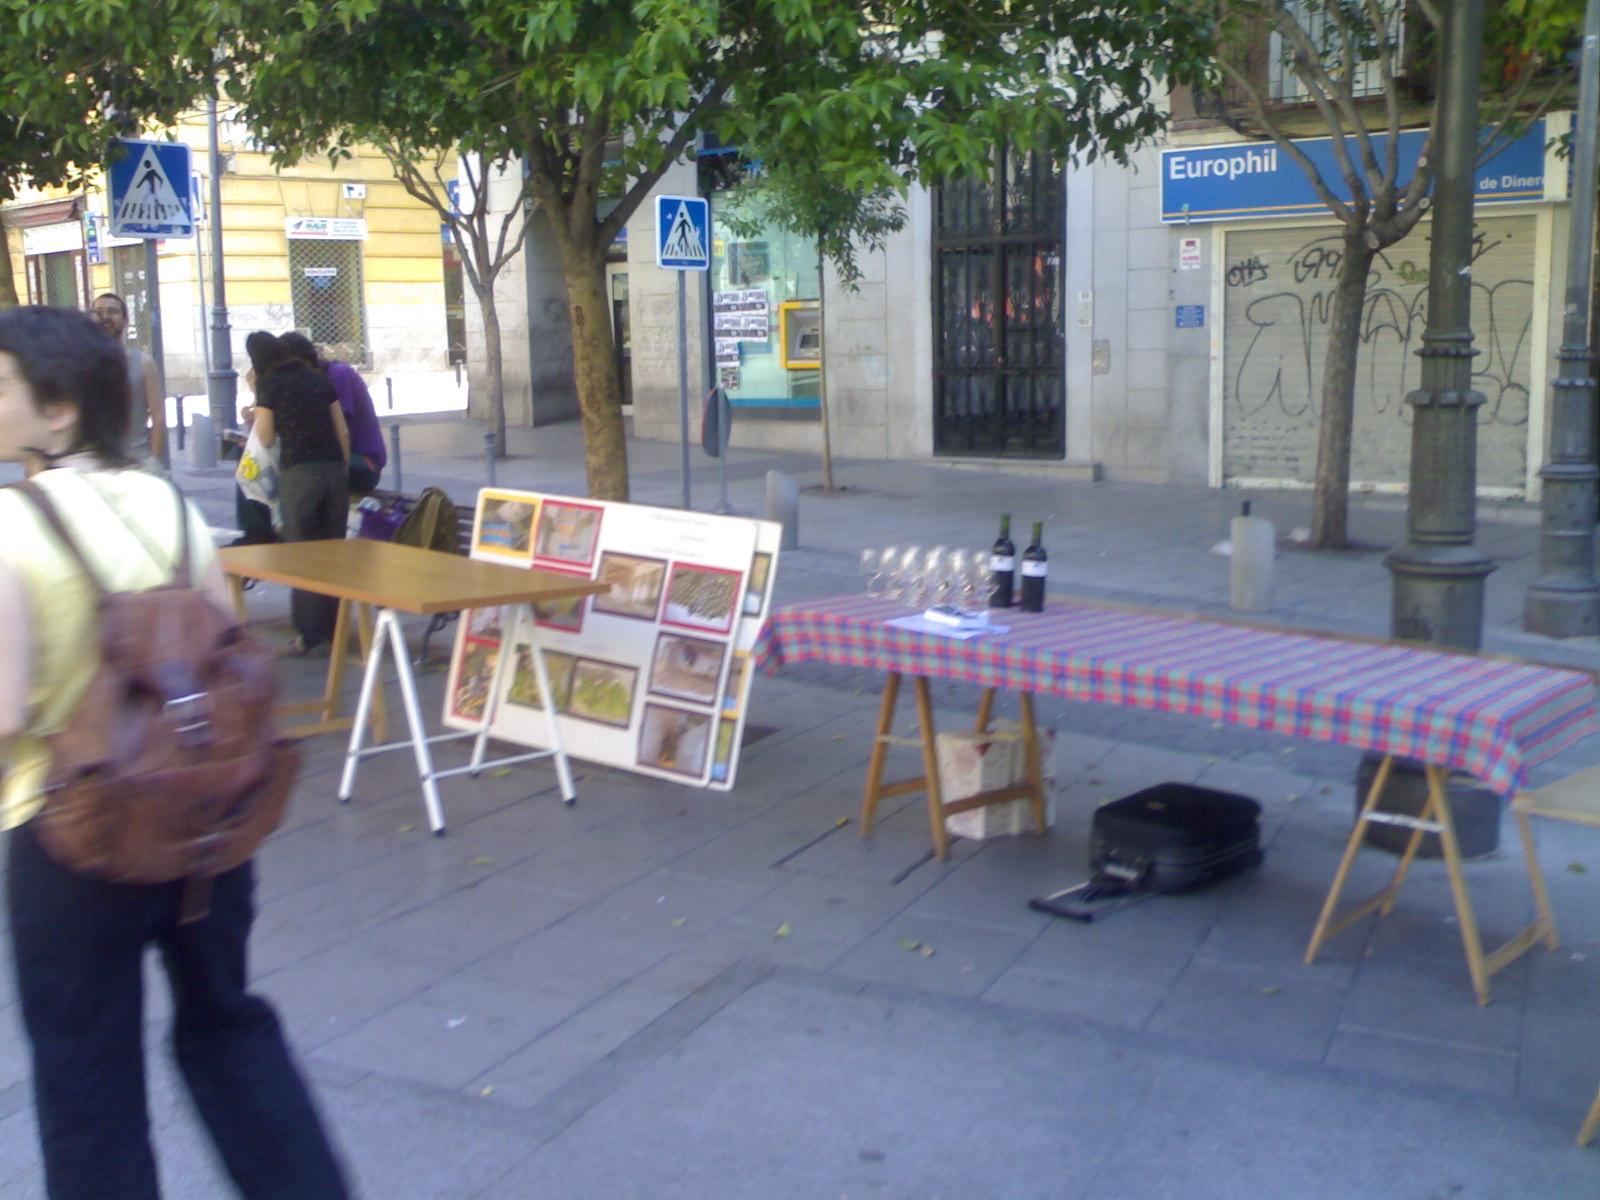 Vinos Ambiz S L Vinos Ecológicos Y Naturales En Madrid